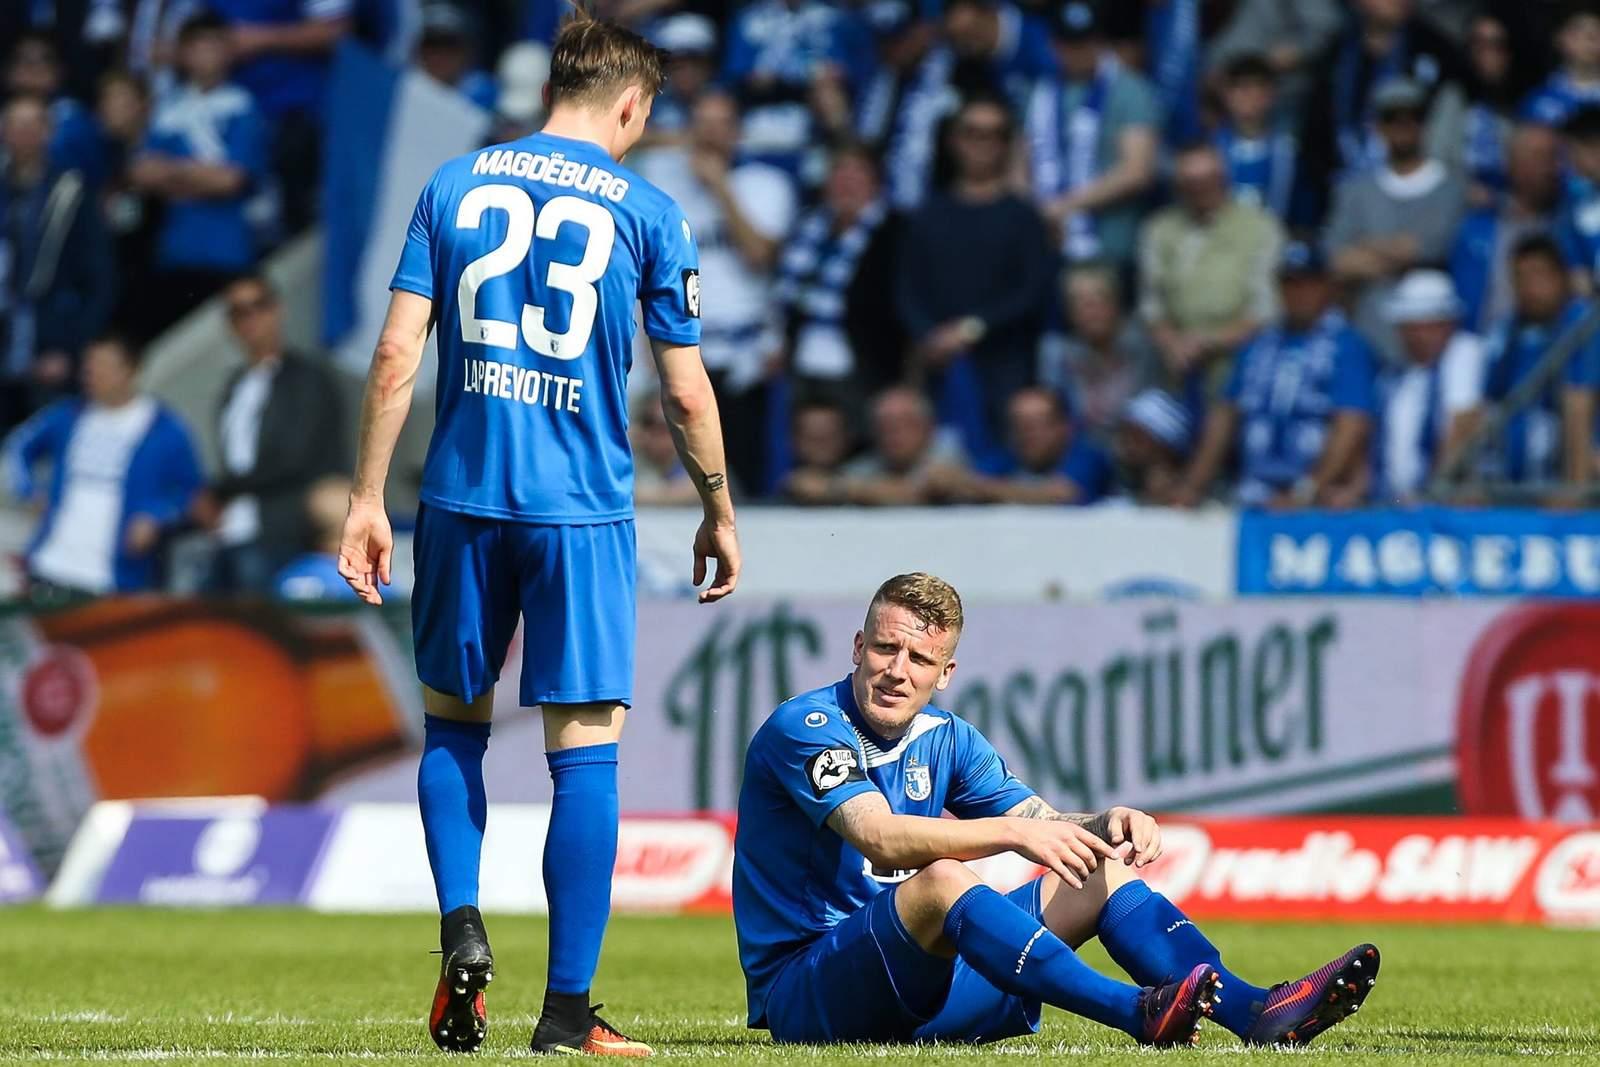 Charles-Elie Laprevotte und Richard Weil vom 1. FC Magdeburg.